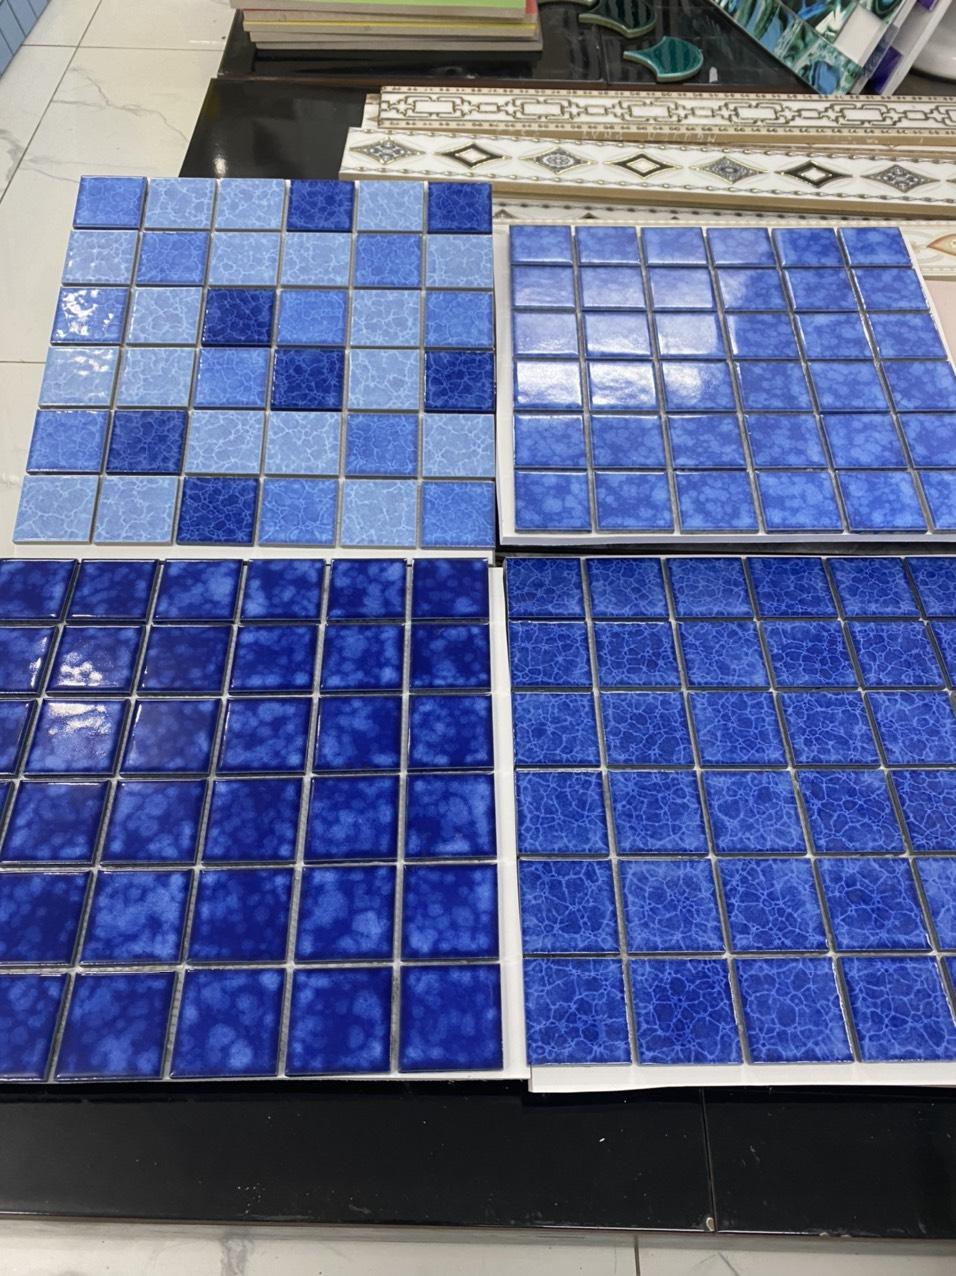 gach mosaic mau xanh bien